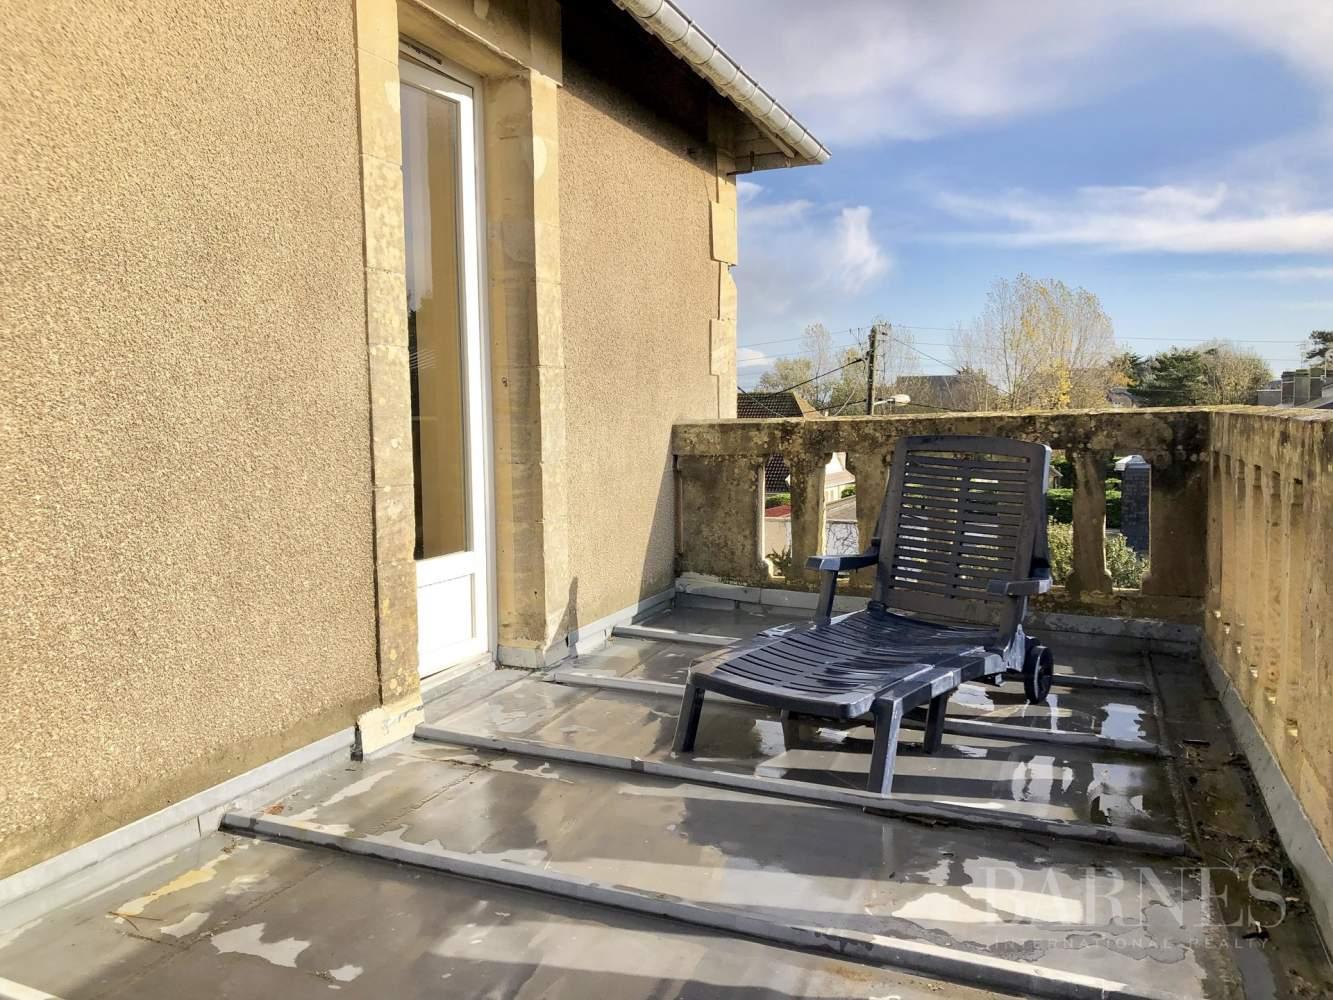 BERNIERES SUR MER  - Maison 6 Pièces 4 Chambres - picture 13